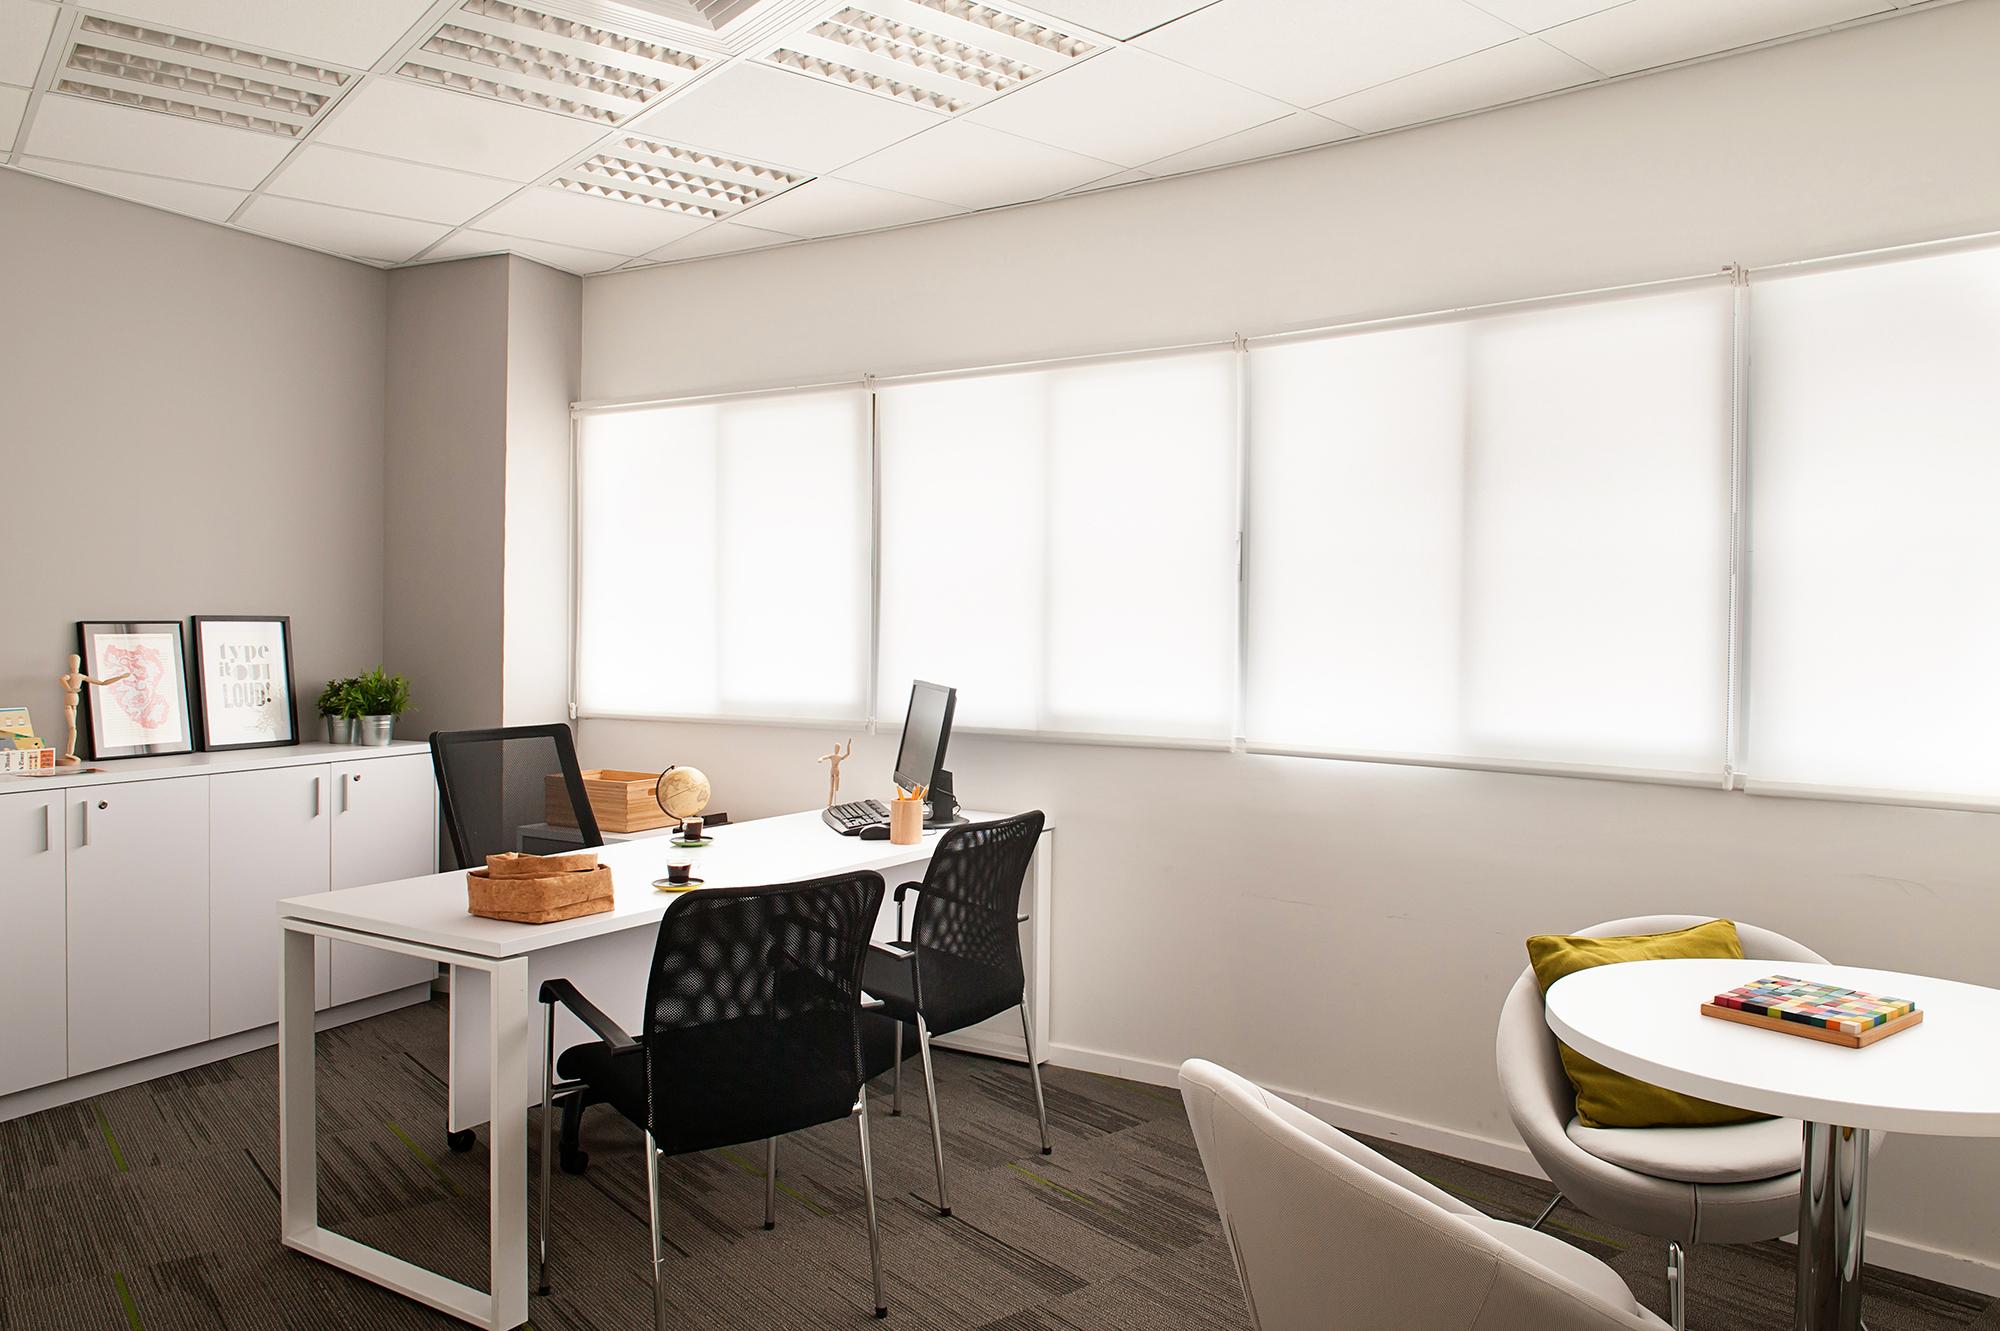 עיצוב משרד, עיצוב משרדים, עיצוב פנים